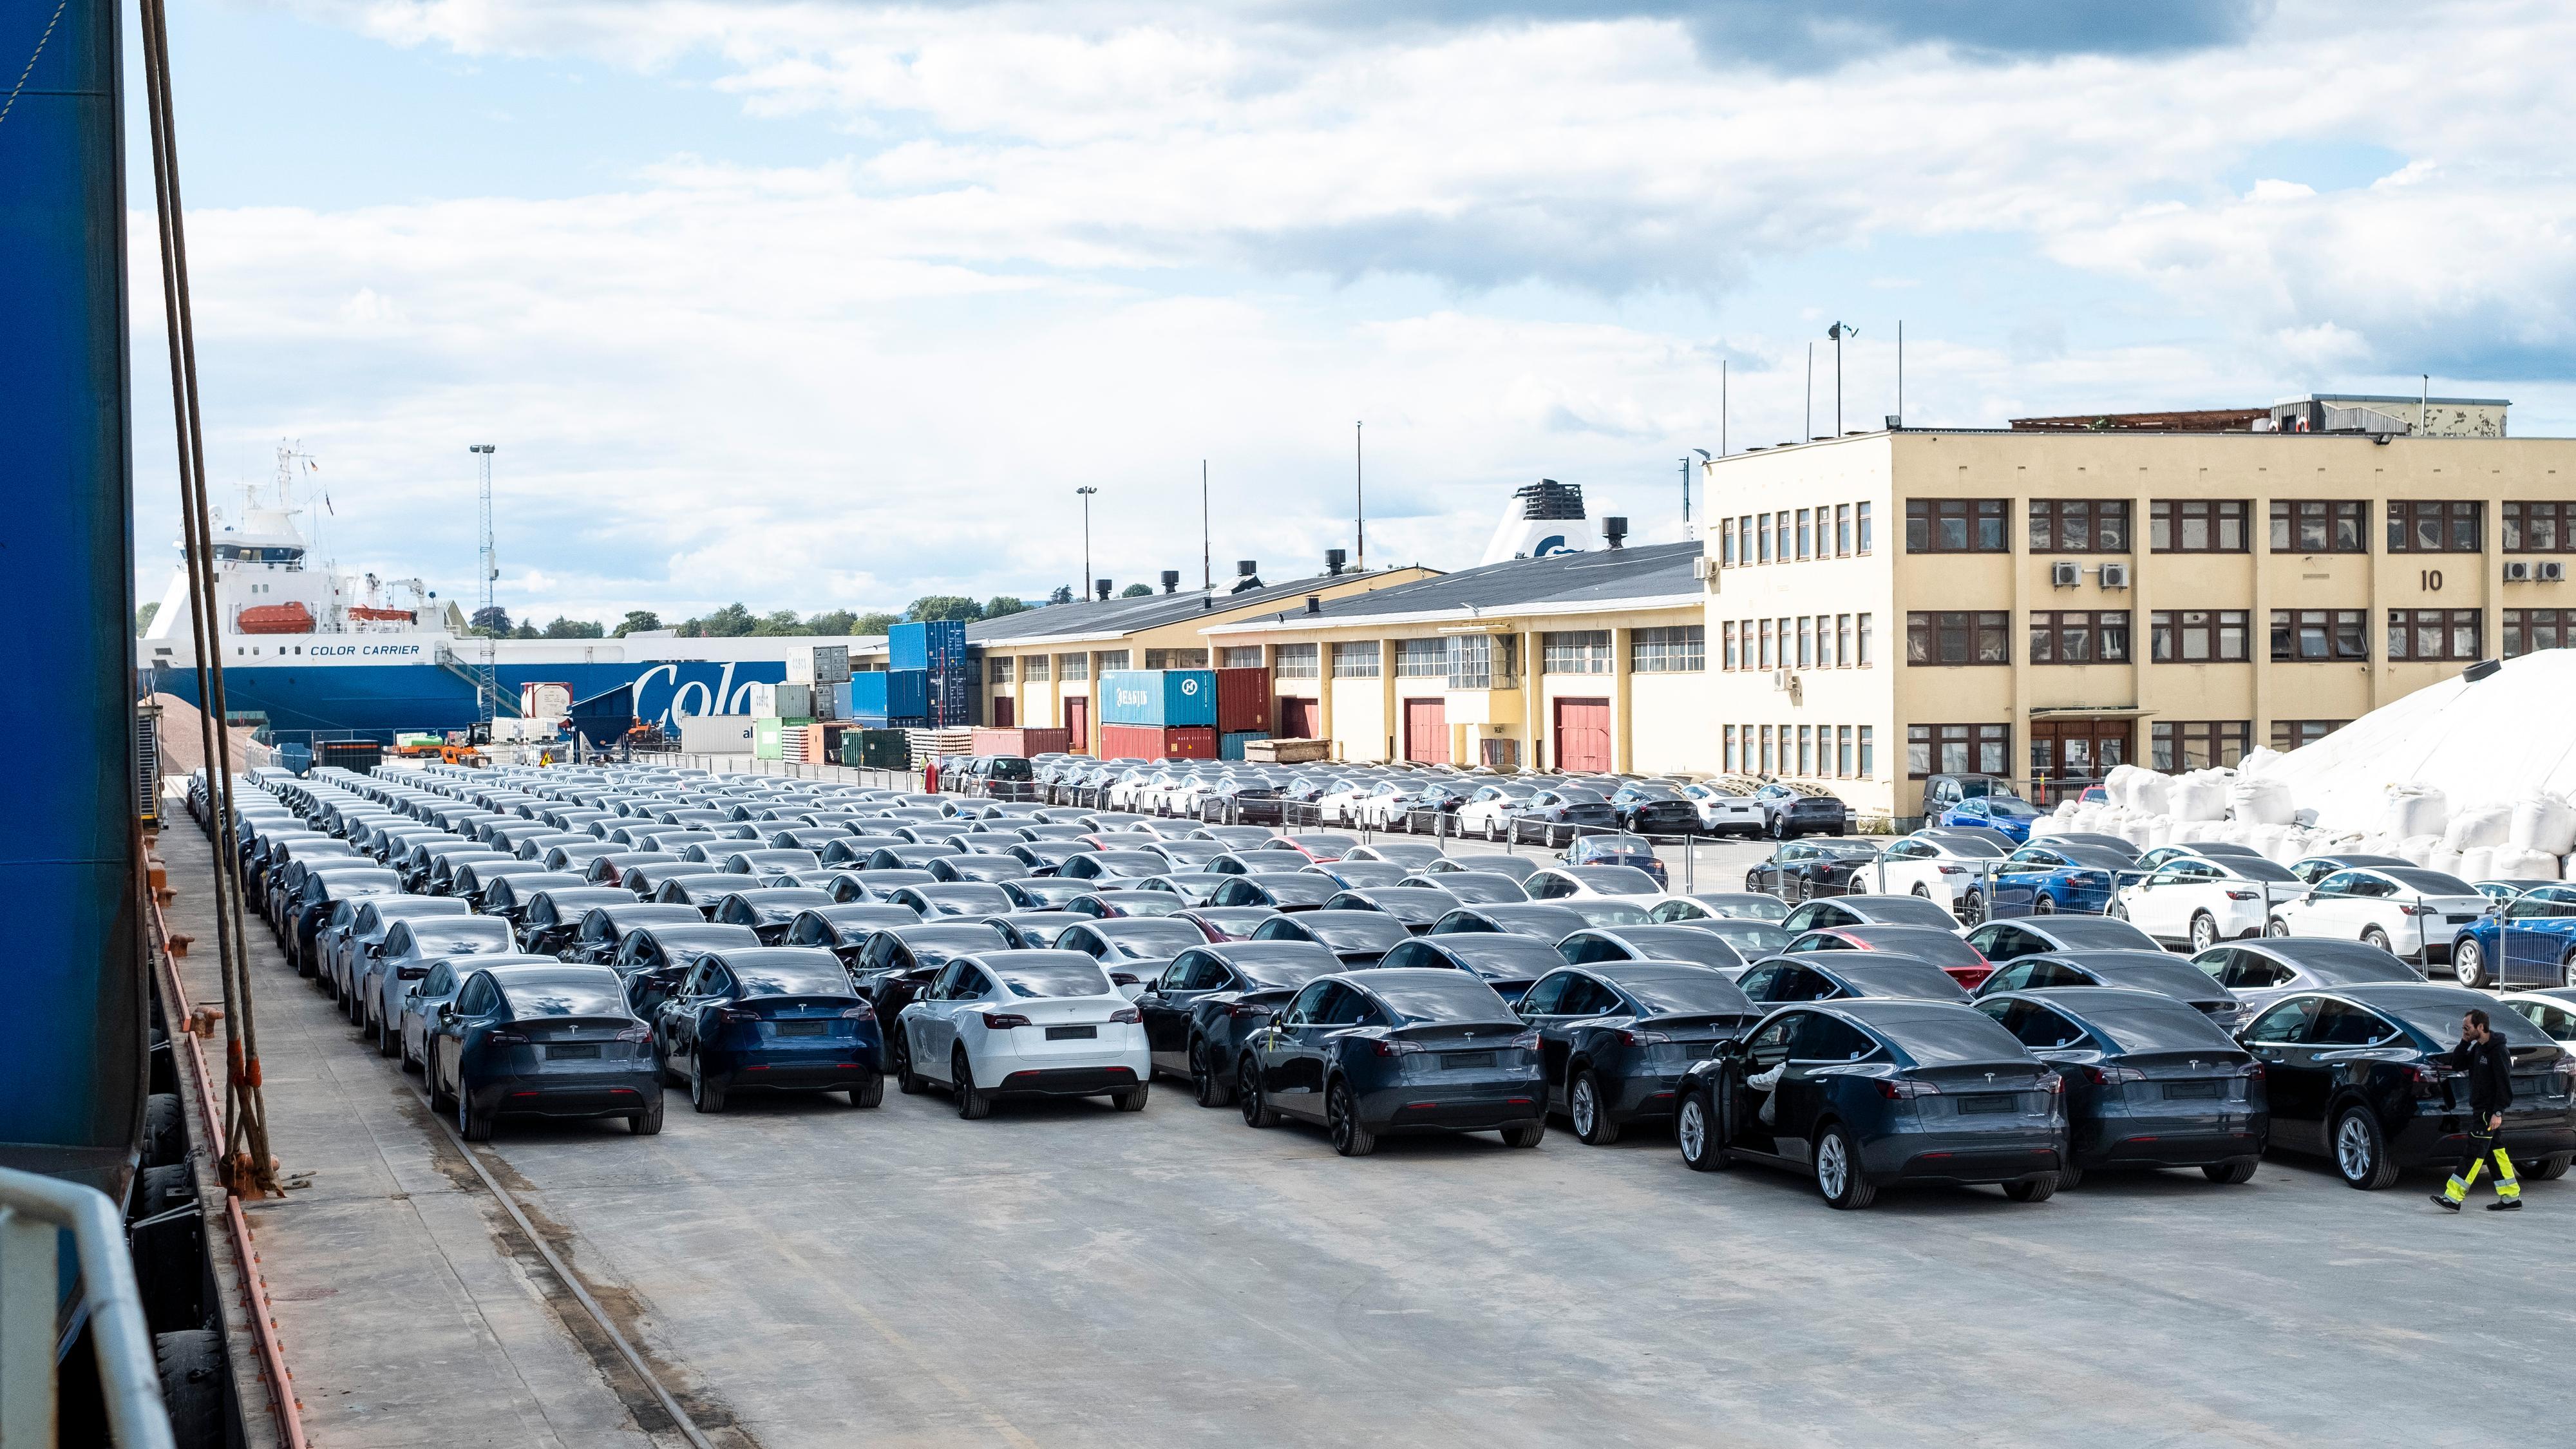 Flere slike store «stabler» med biler var plassert rundt på kaien, sortert etter endestasjon.